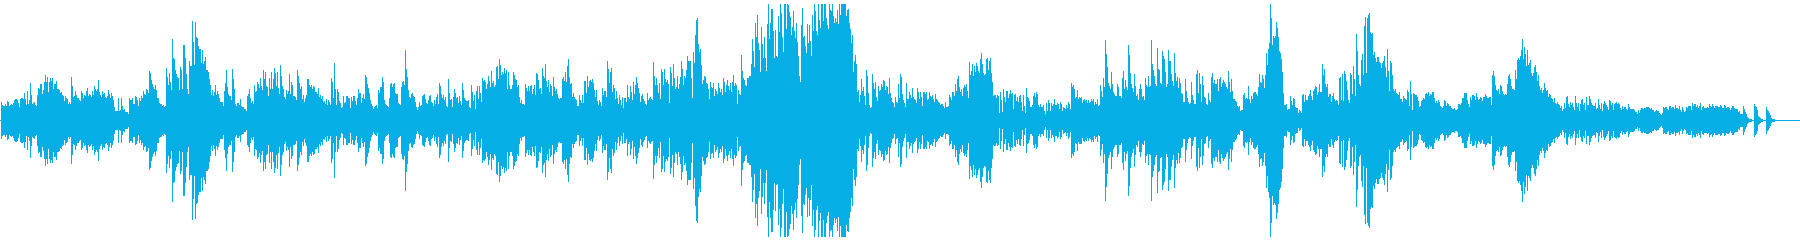 ドビュッシー ベルガマスク4 パスピエの再生済みの波形